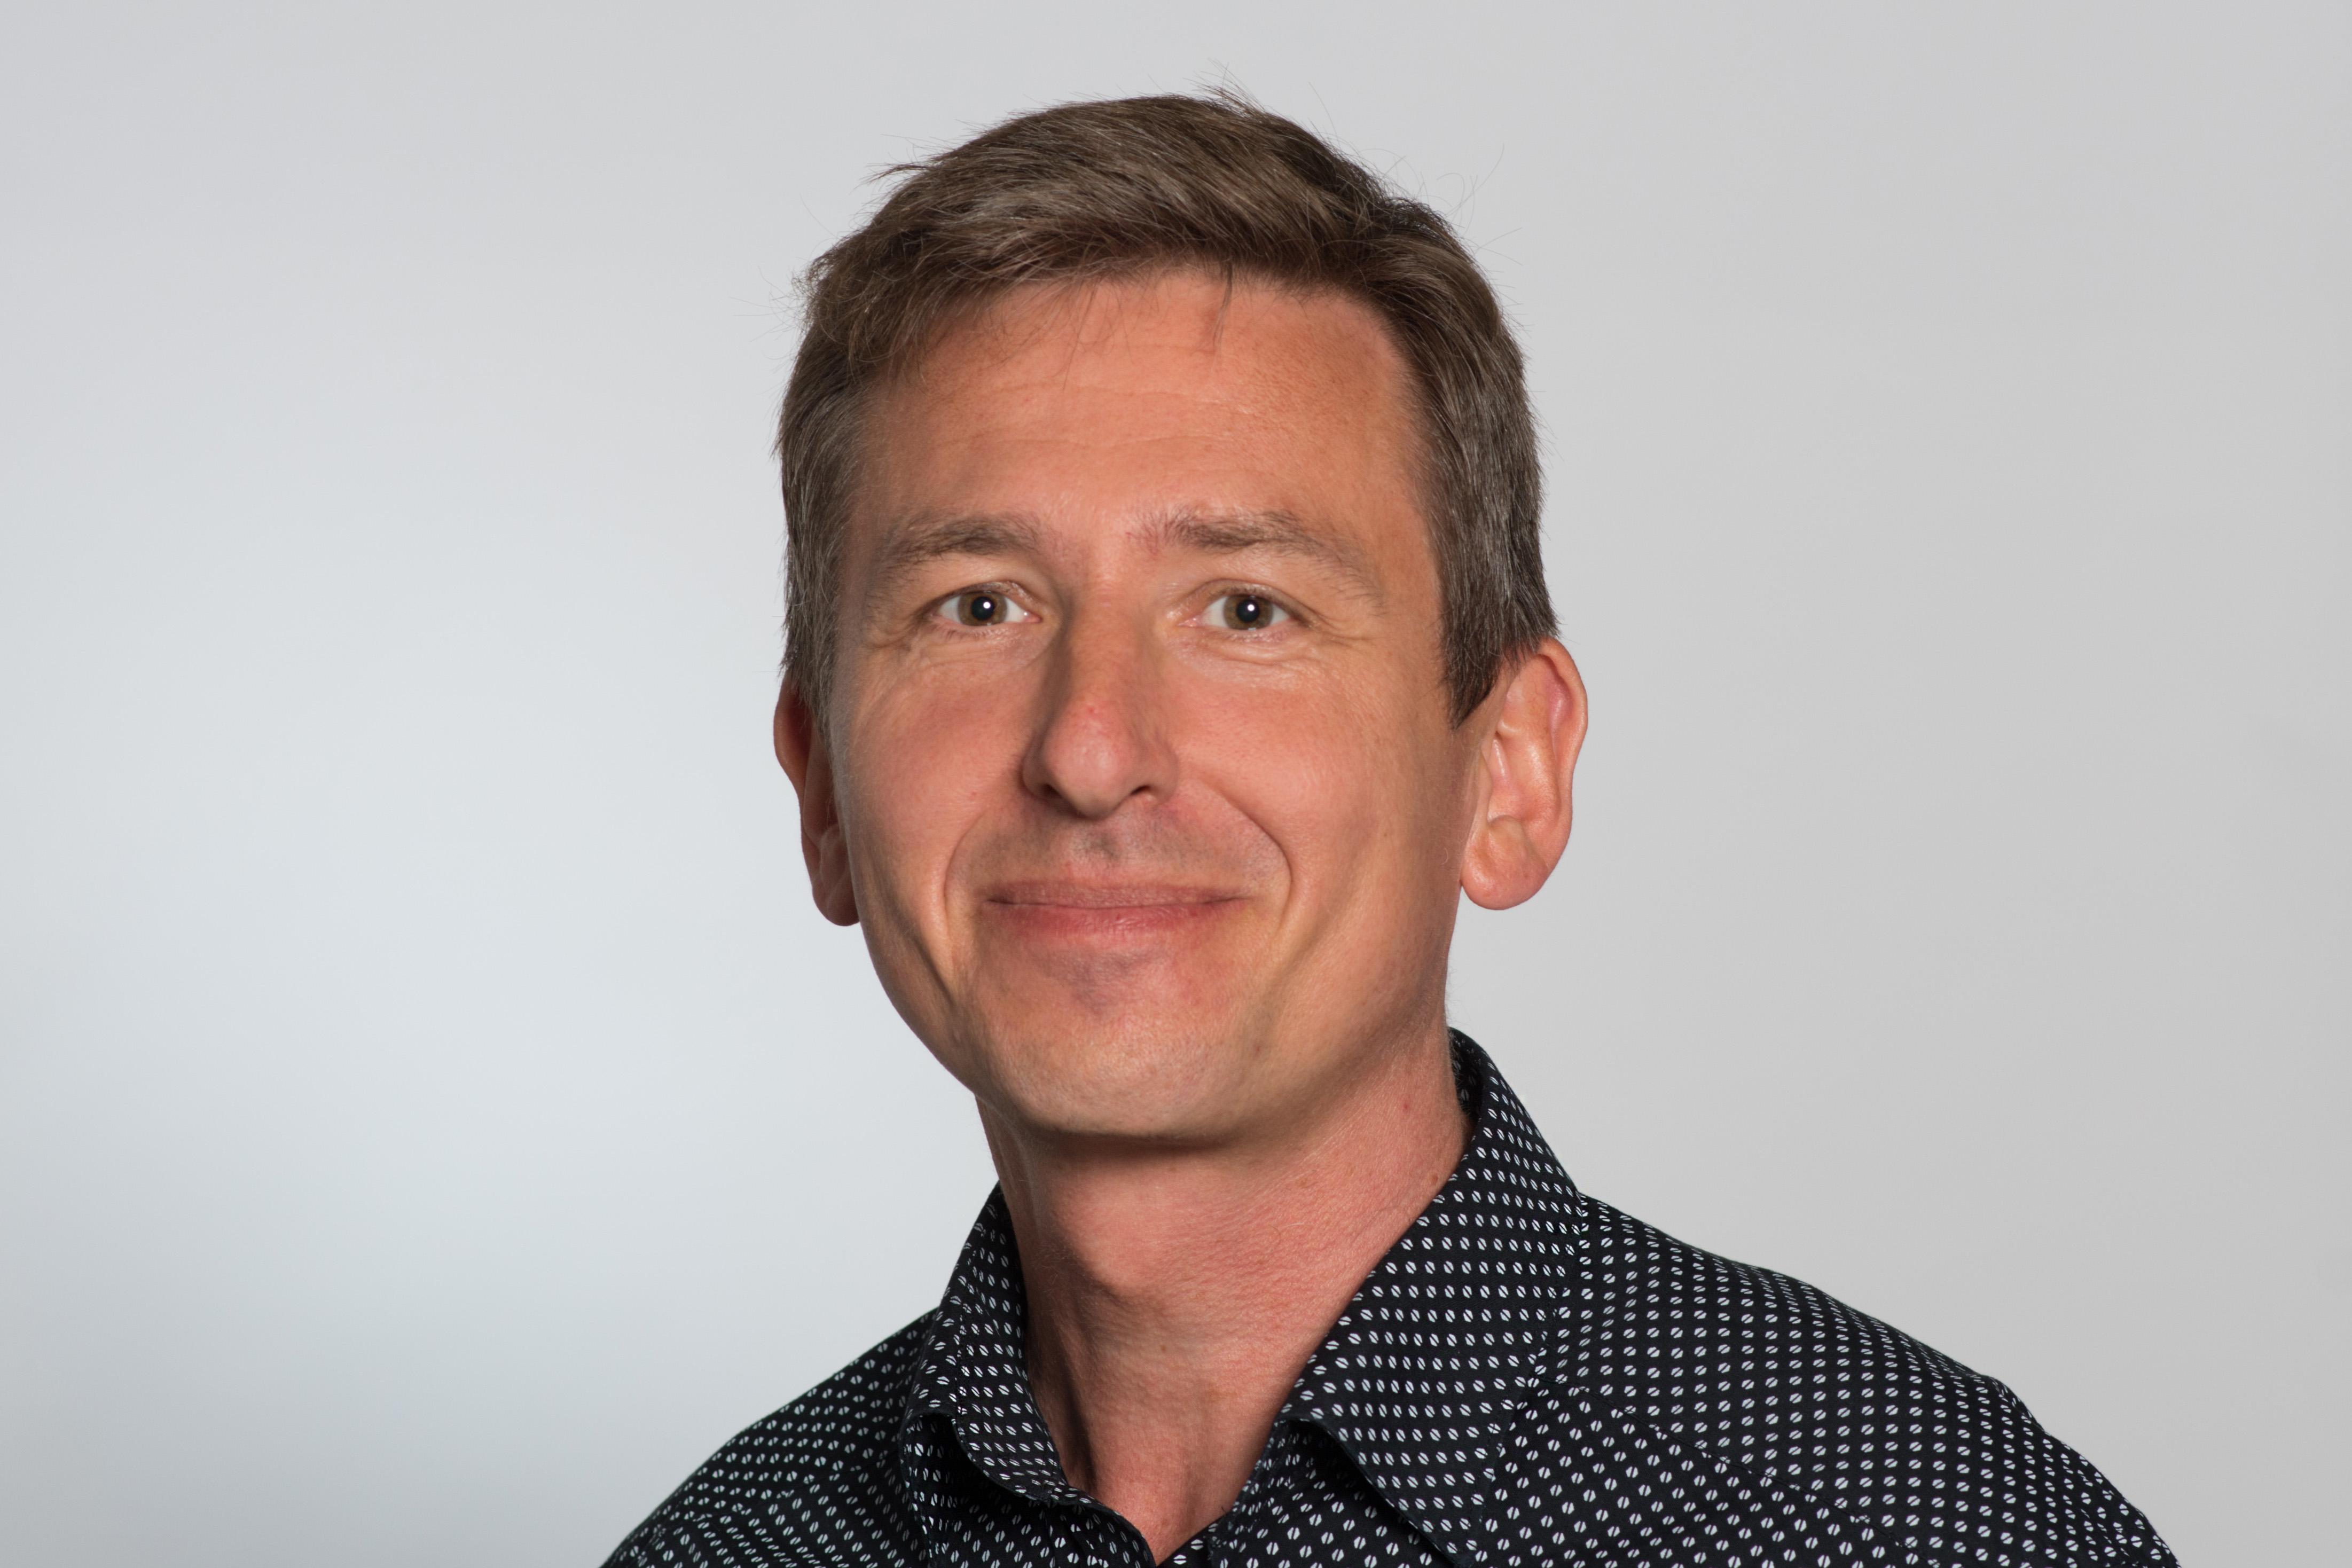 DFG-Wahl: Interview mit Prof. Dr. Matthias Blau